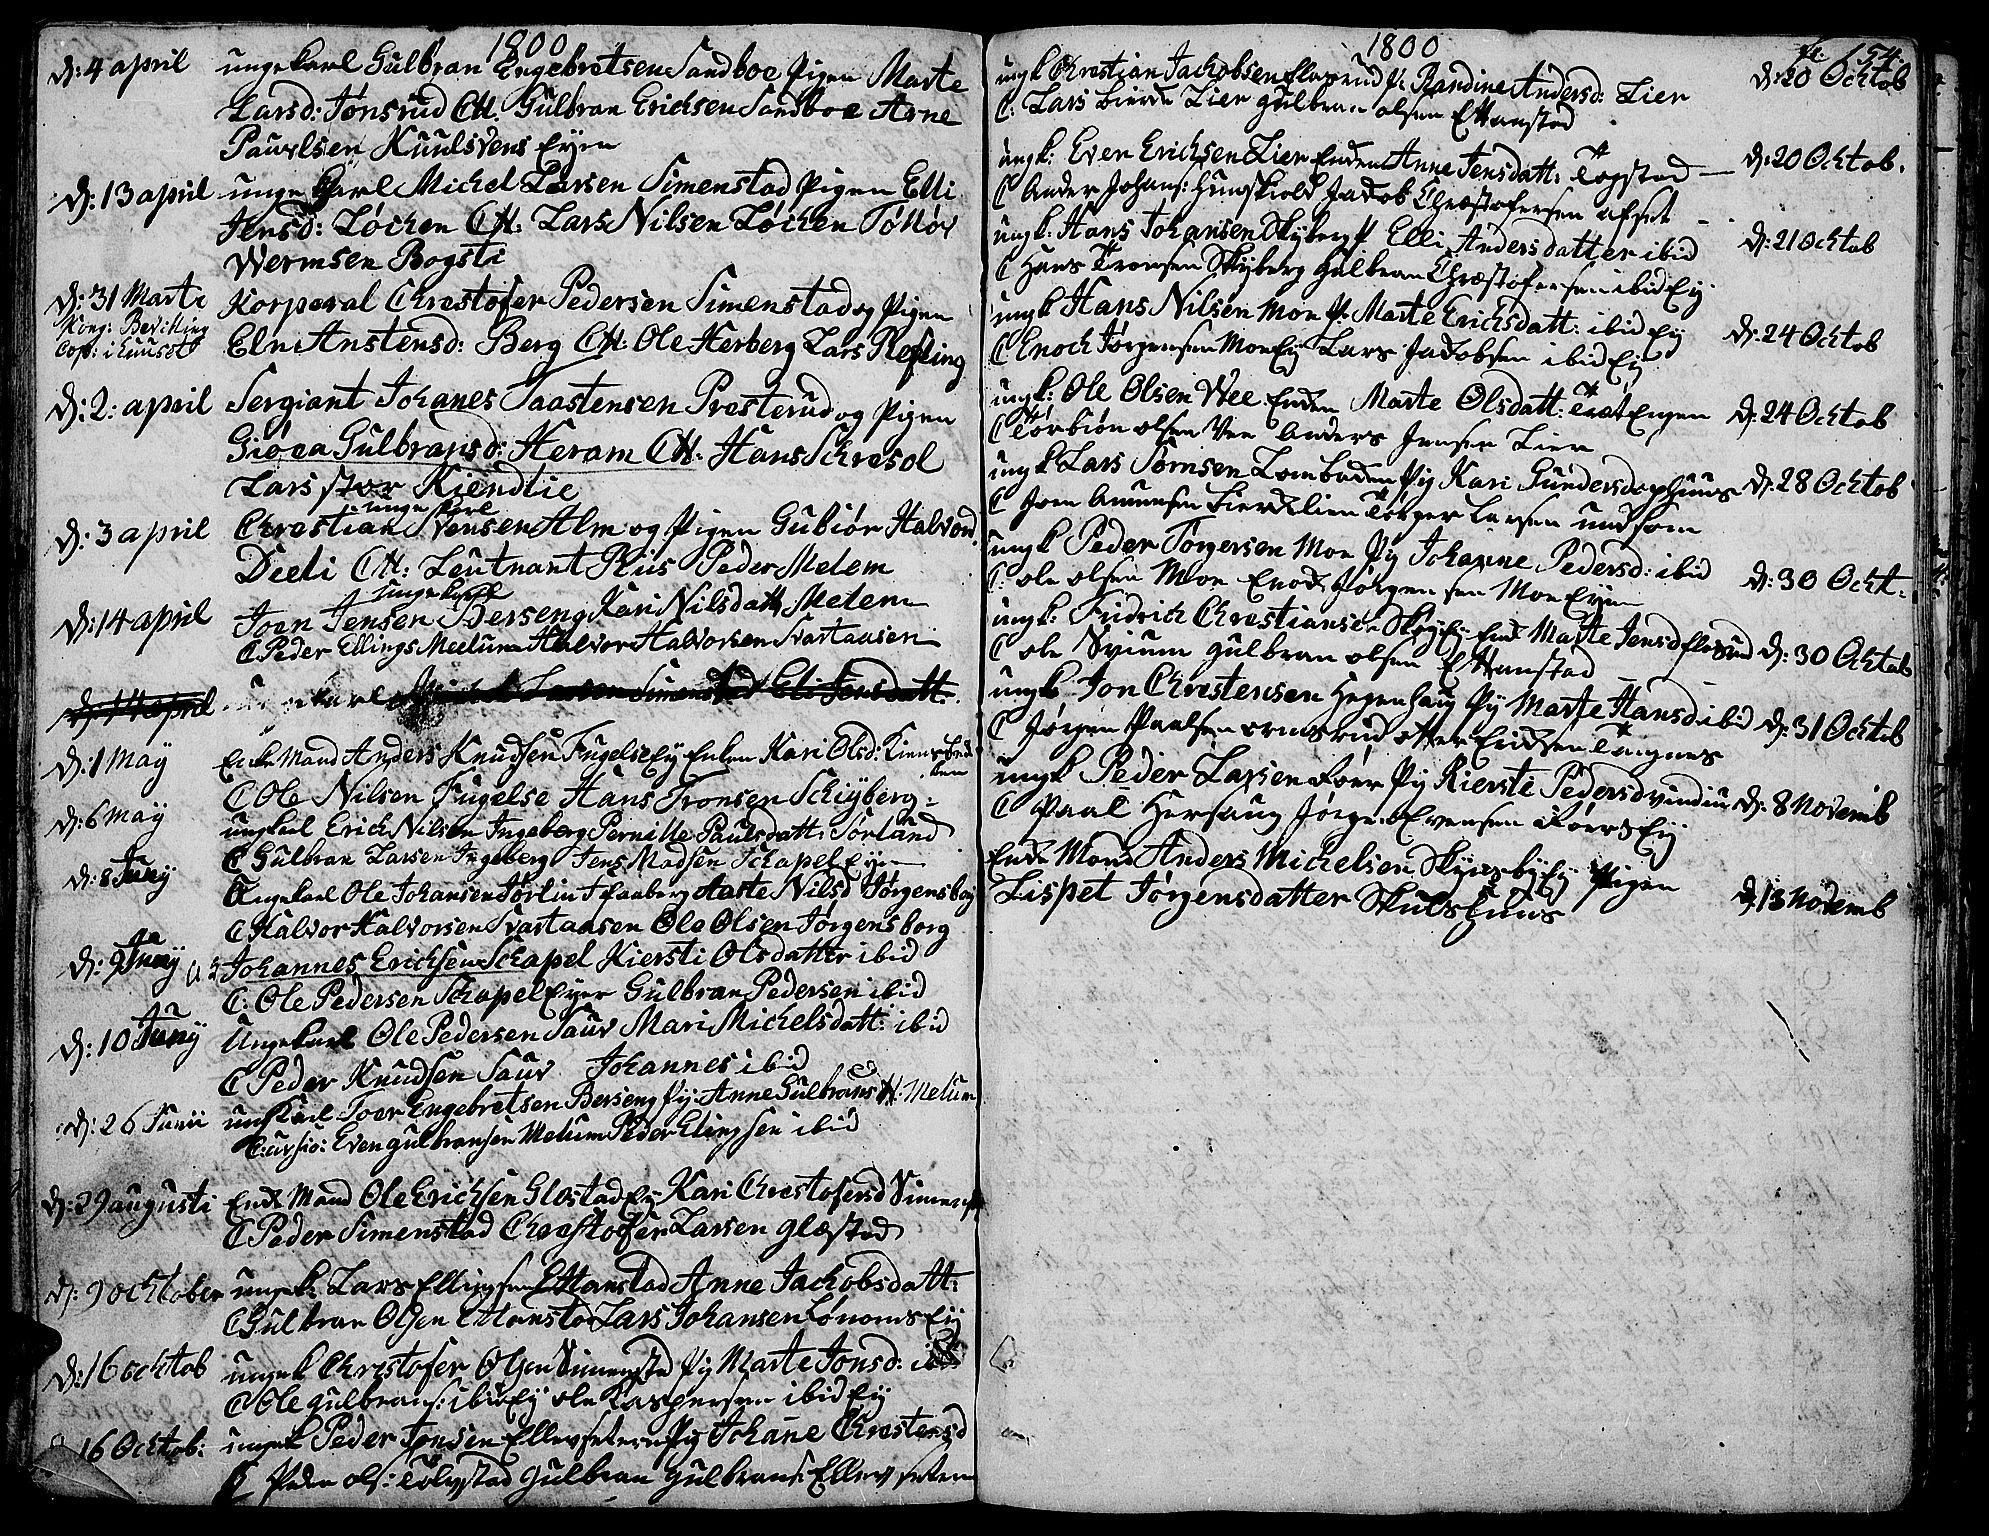 SAH, Ringsaker prestekontor, K/Ka/L0004: Ministerialbok nr. 4, 1799-1814, s. 154